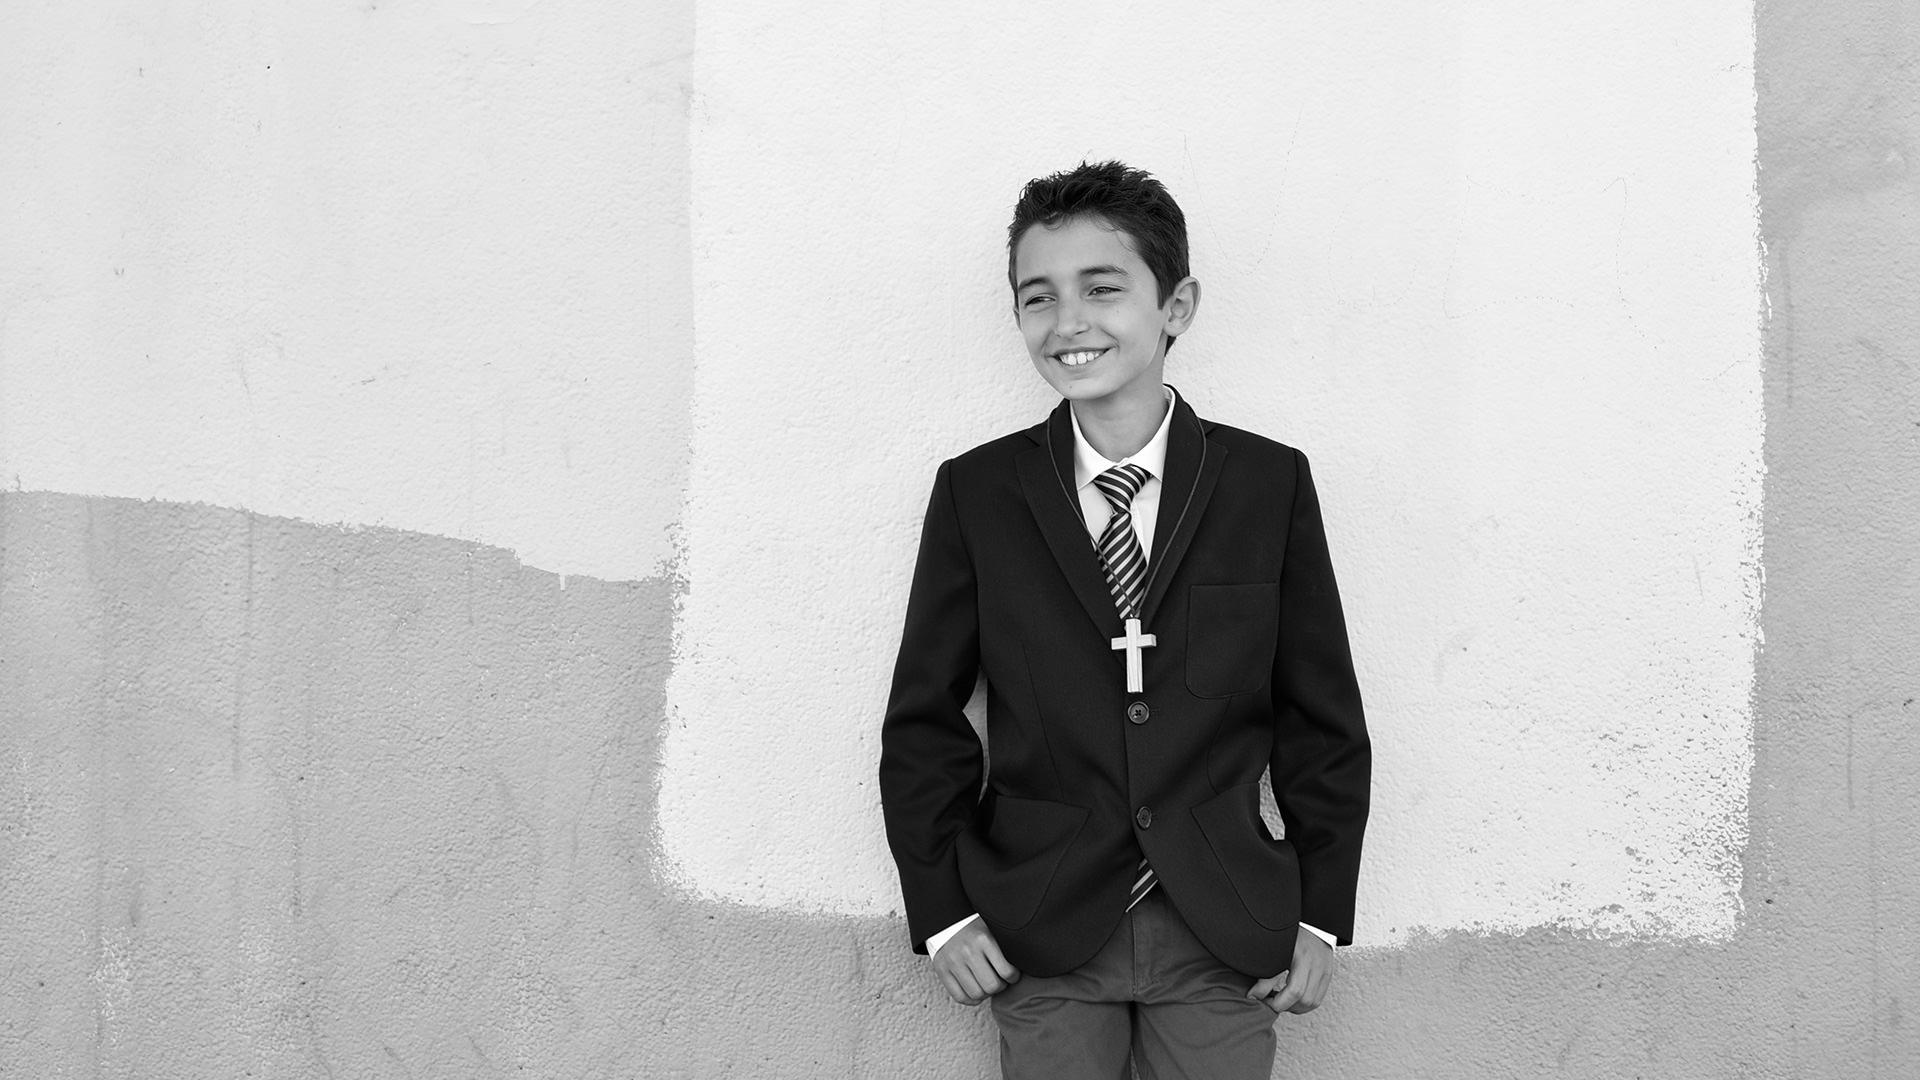 fotografo-de-comuniones-en-madrid-100